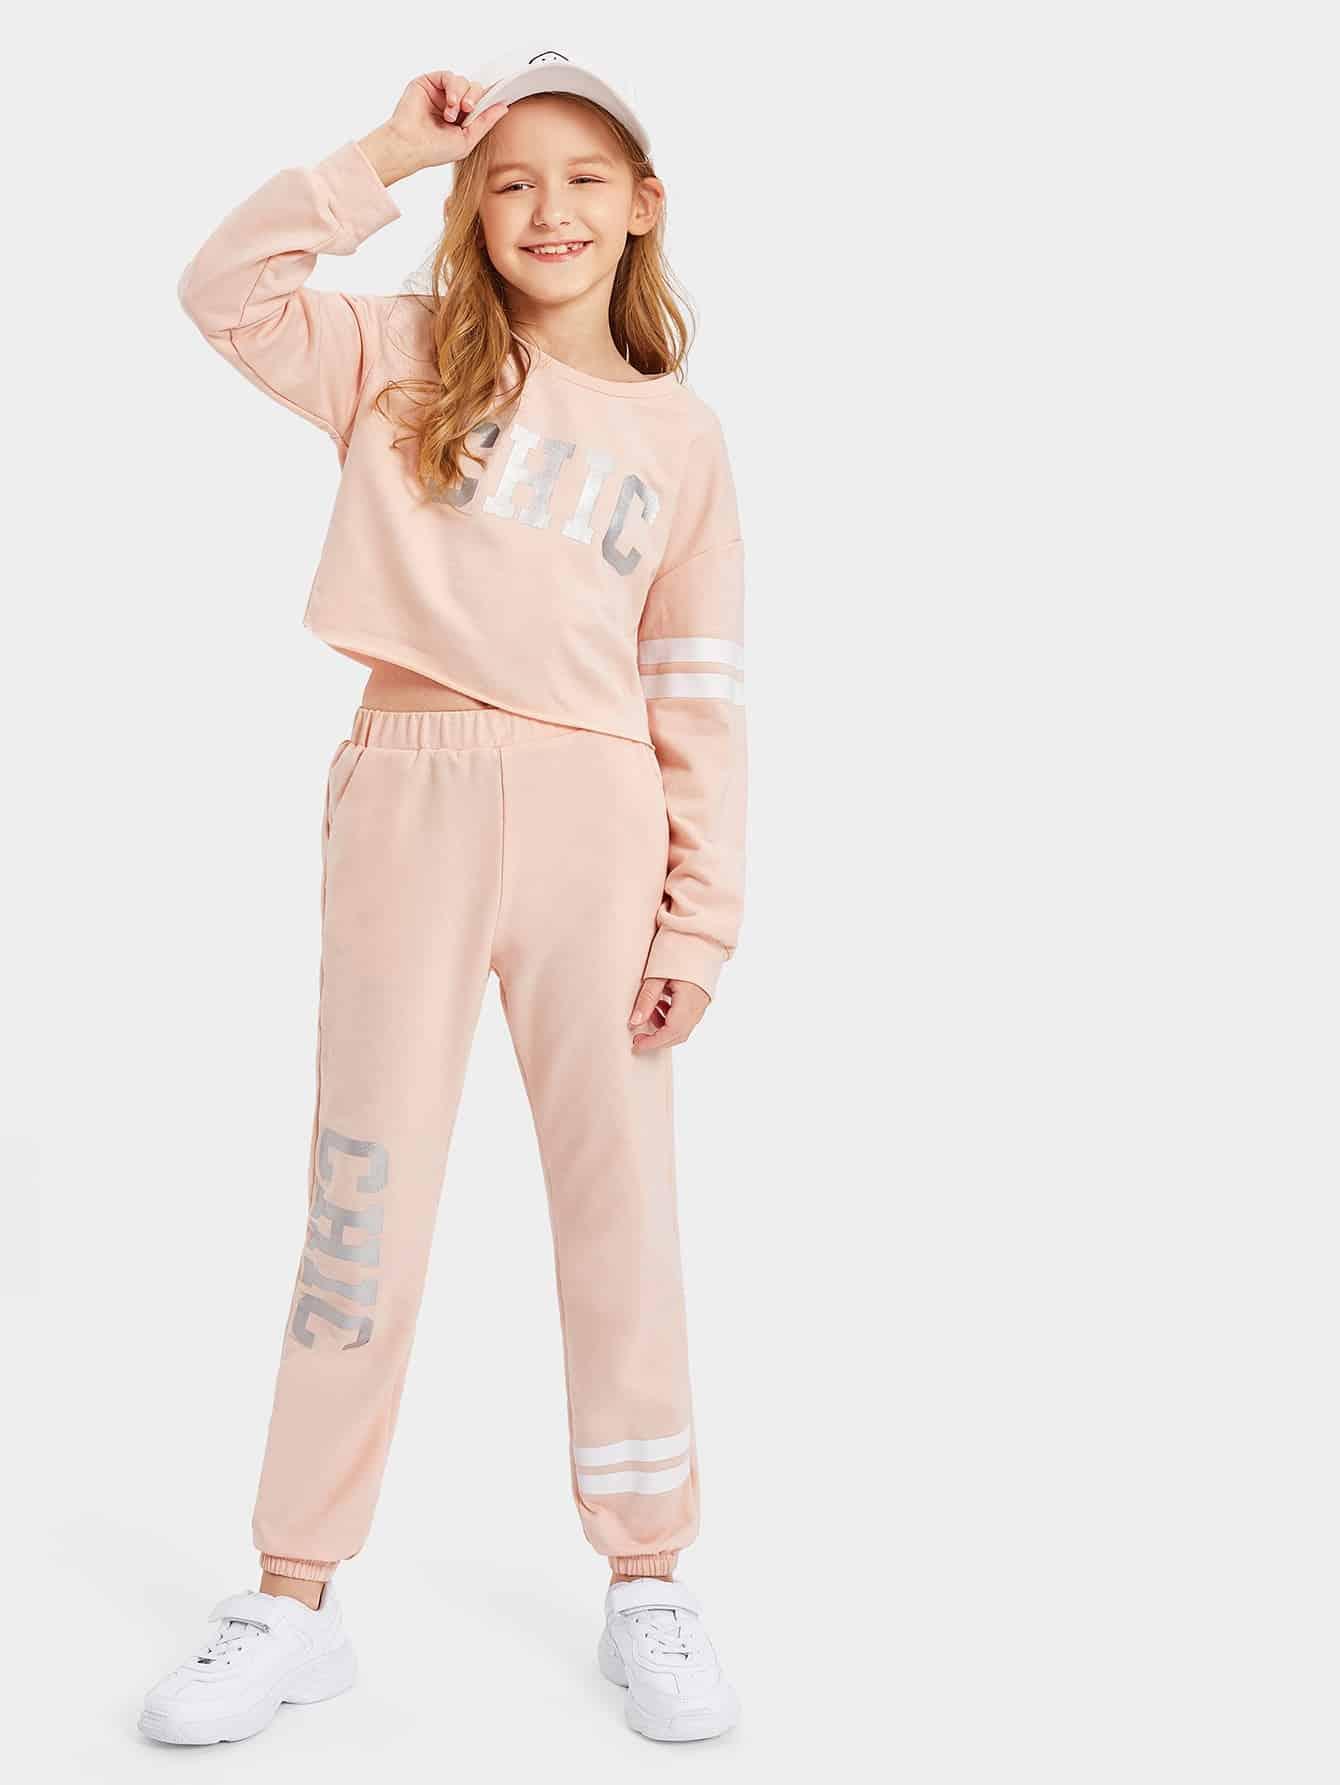 Укороченный топ с текстовым принтом и спортивные брюки для девочек от SheIn